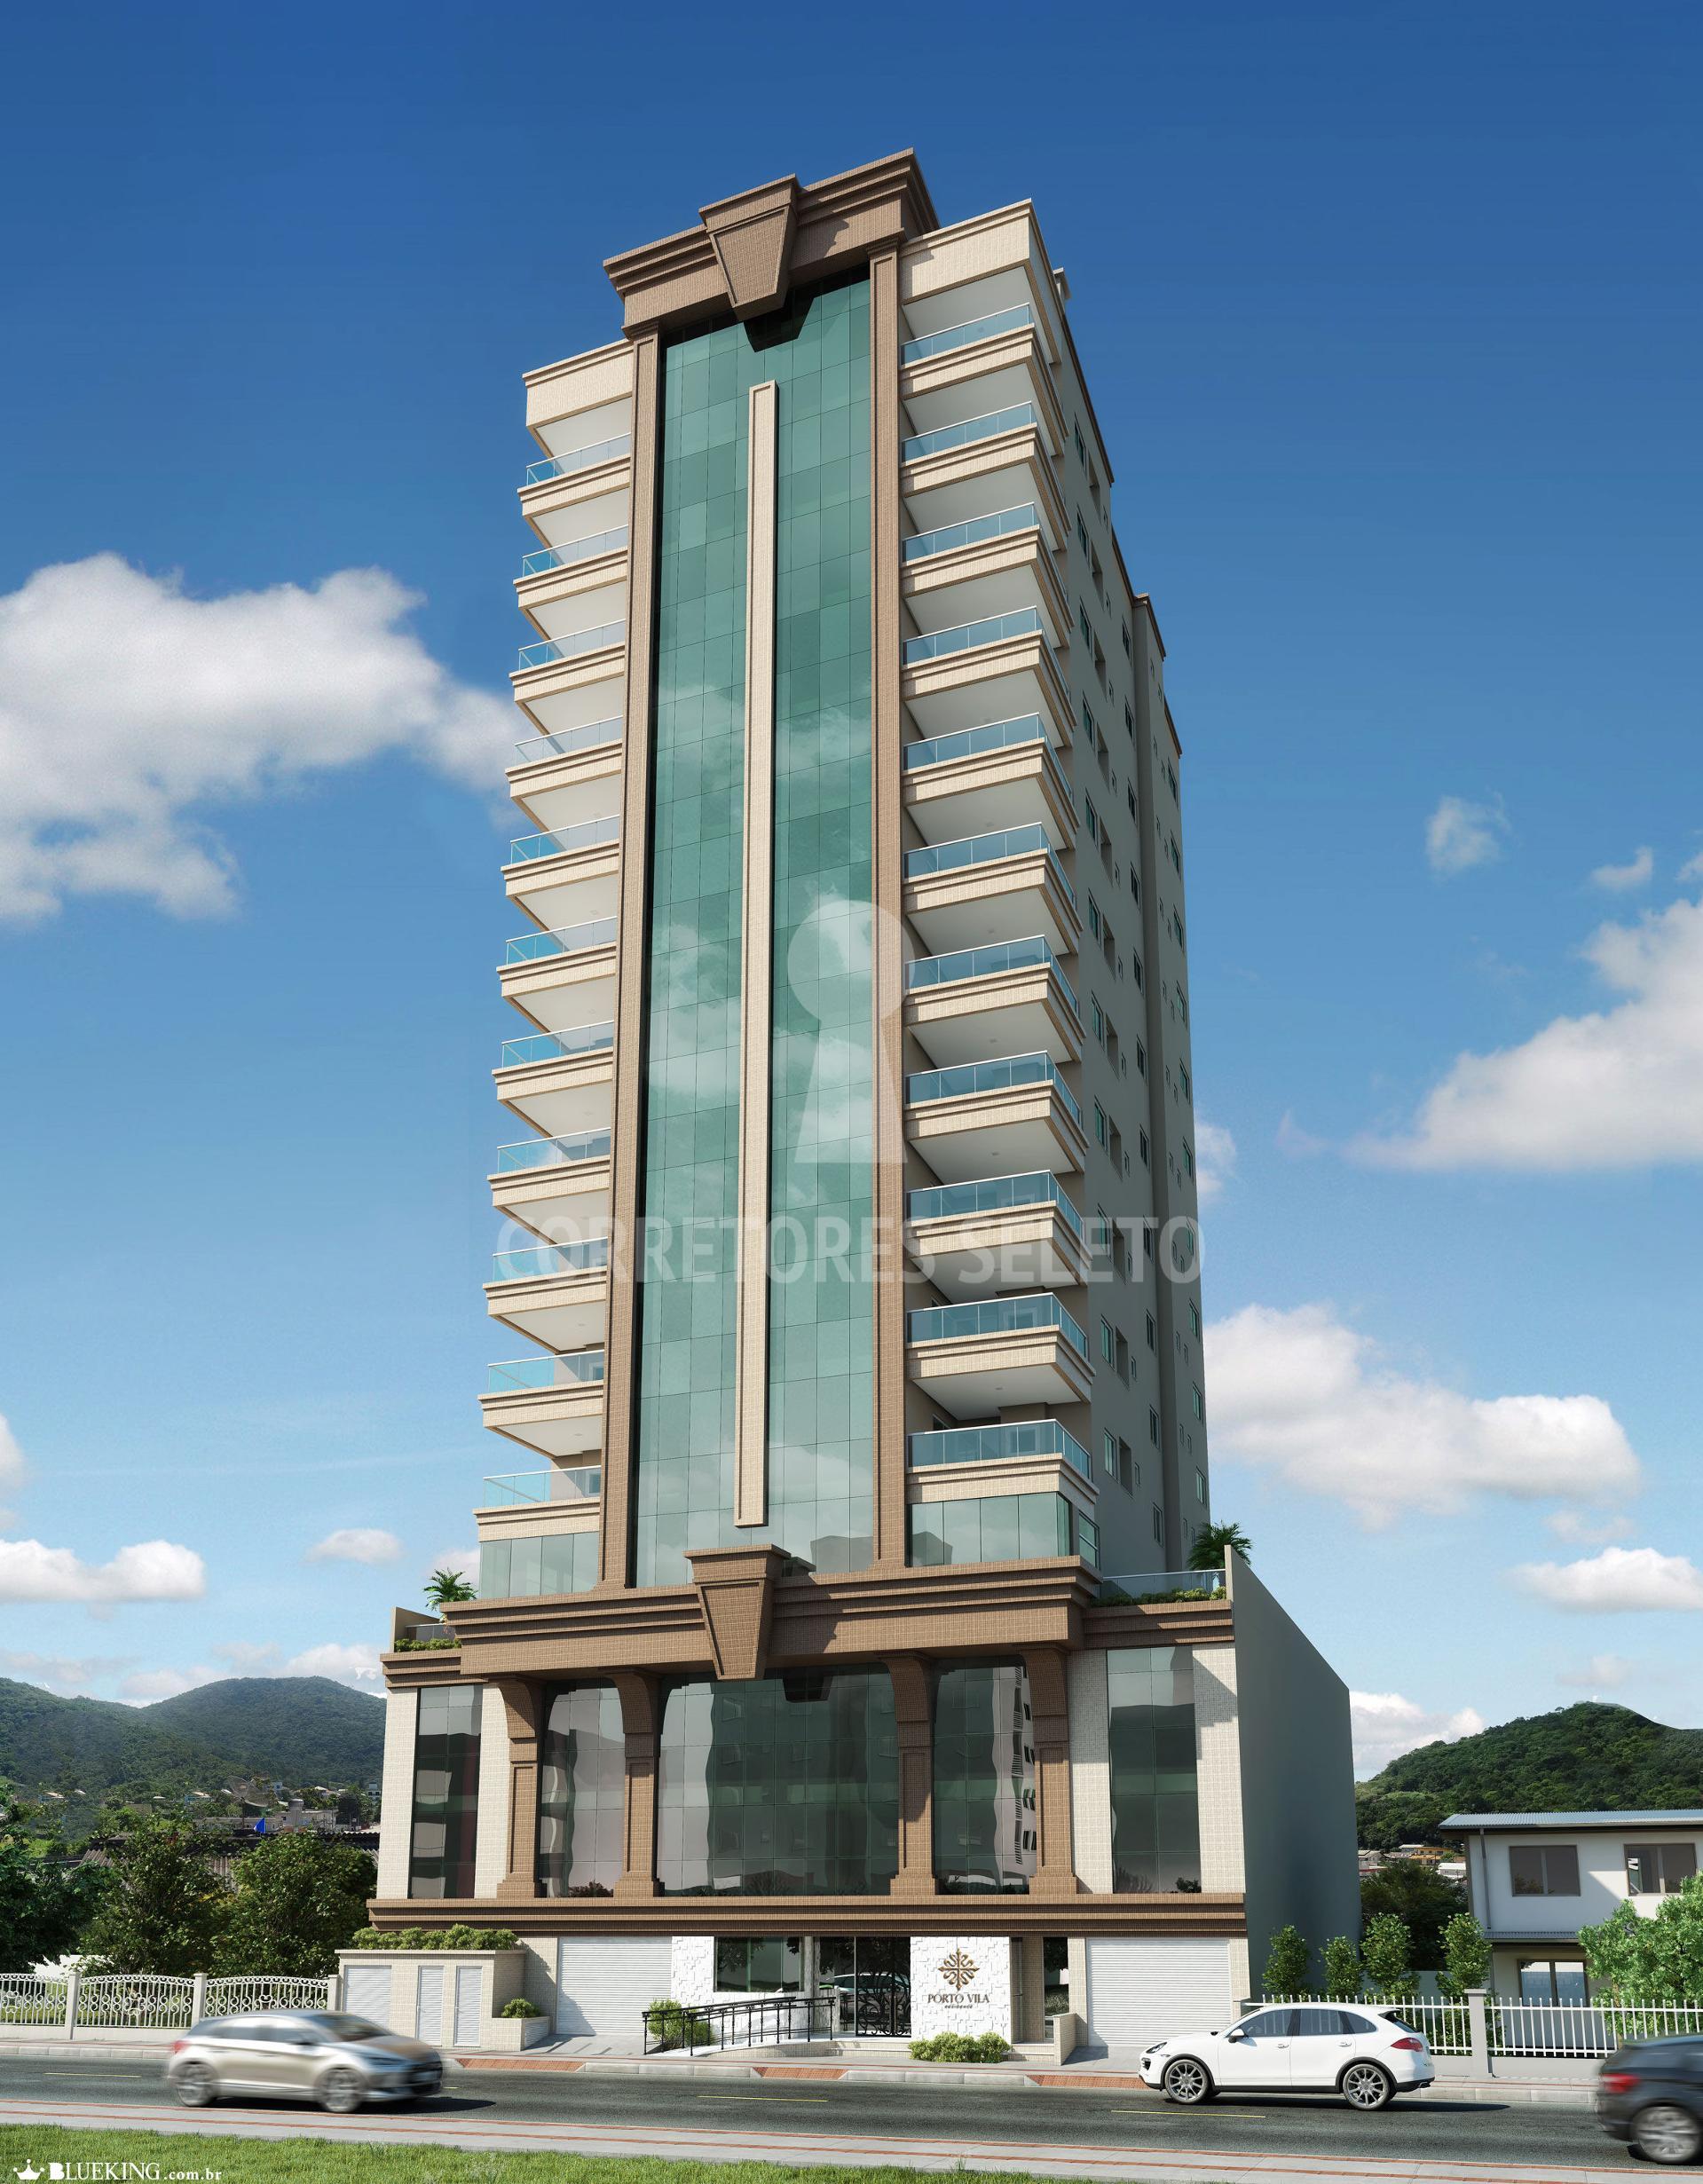 Apartamento com 4 dormitórios à venda,266.95 m², Meia Praia, I...